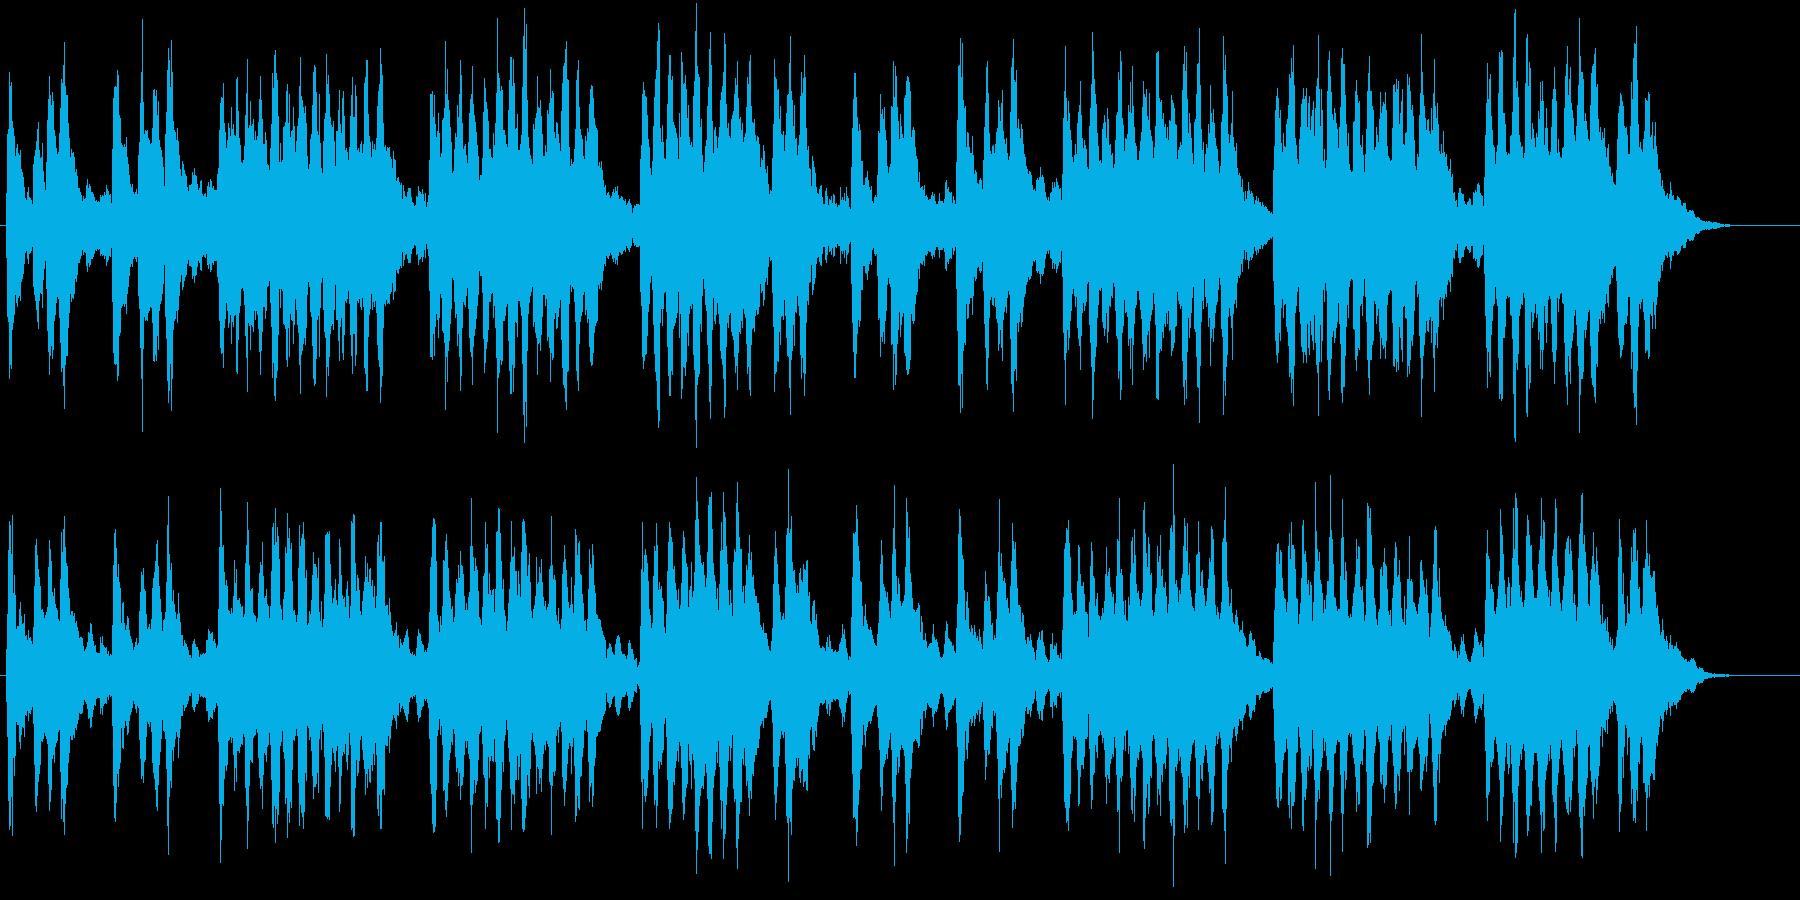 童謡「春よ来い」のオーケーストラ風カバーの再生済みの波形